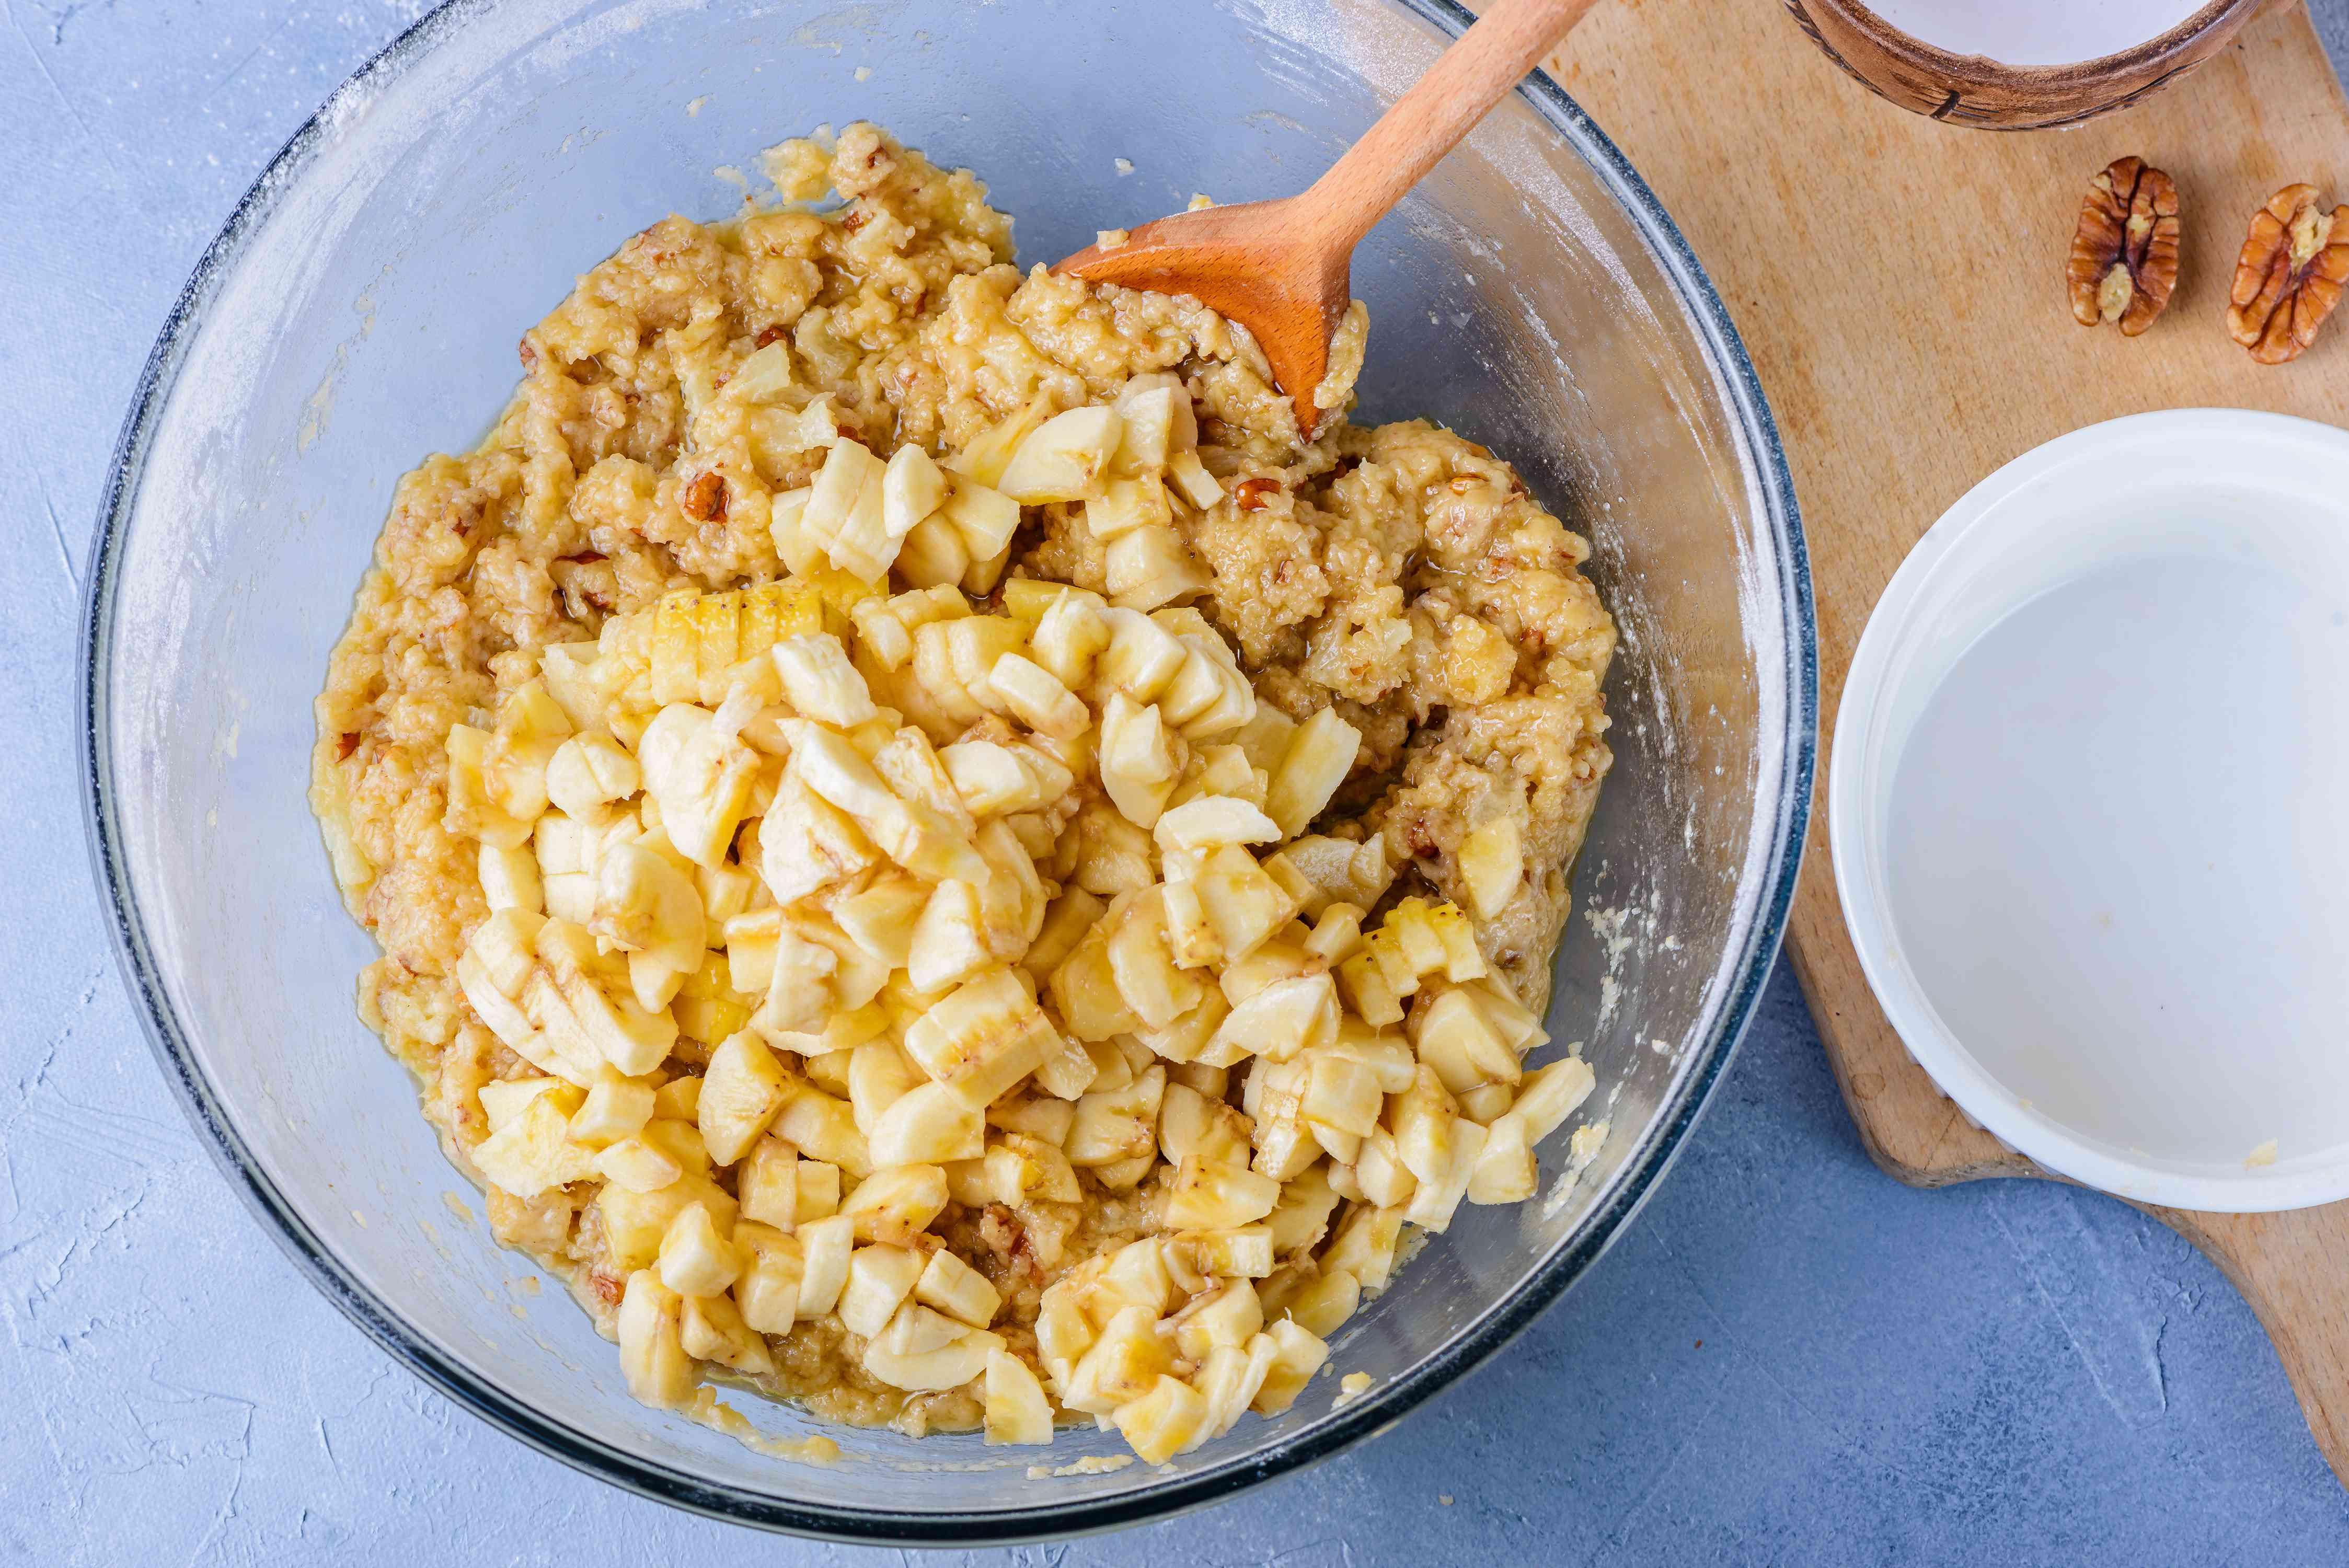 Stir in chopped bananas